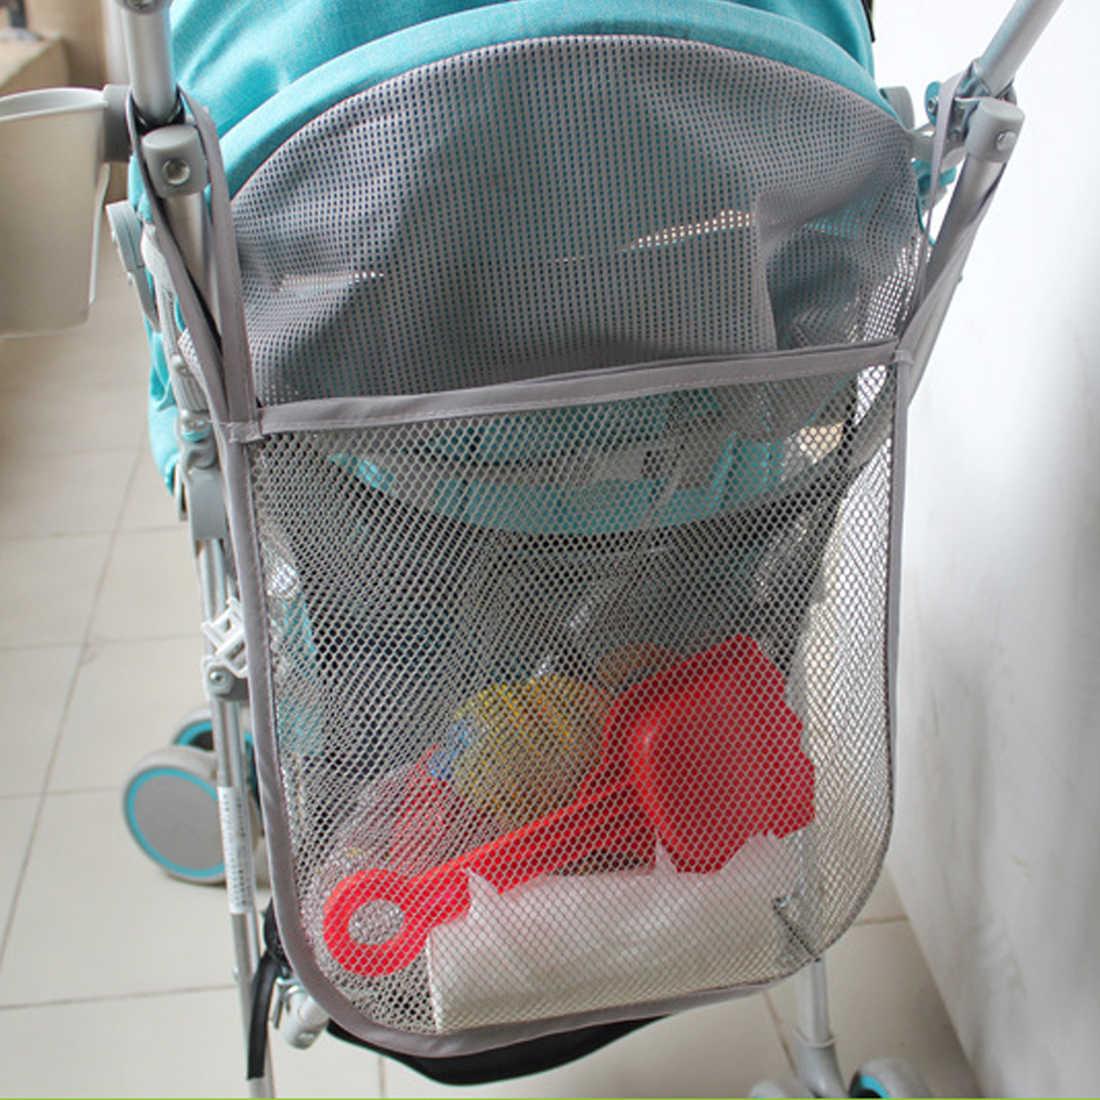 Размер: 30X30 см висит черная сетка висячая сумка бумажный подгузник Полотенца сумка для детской коляски универсальная сетка для хранения Bag1Home сетка для хранения сумка